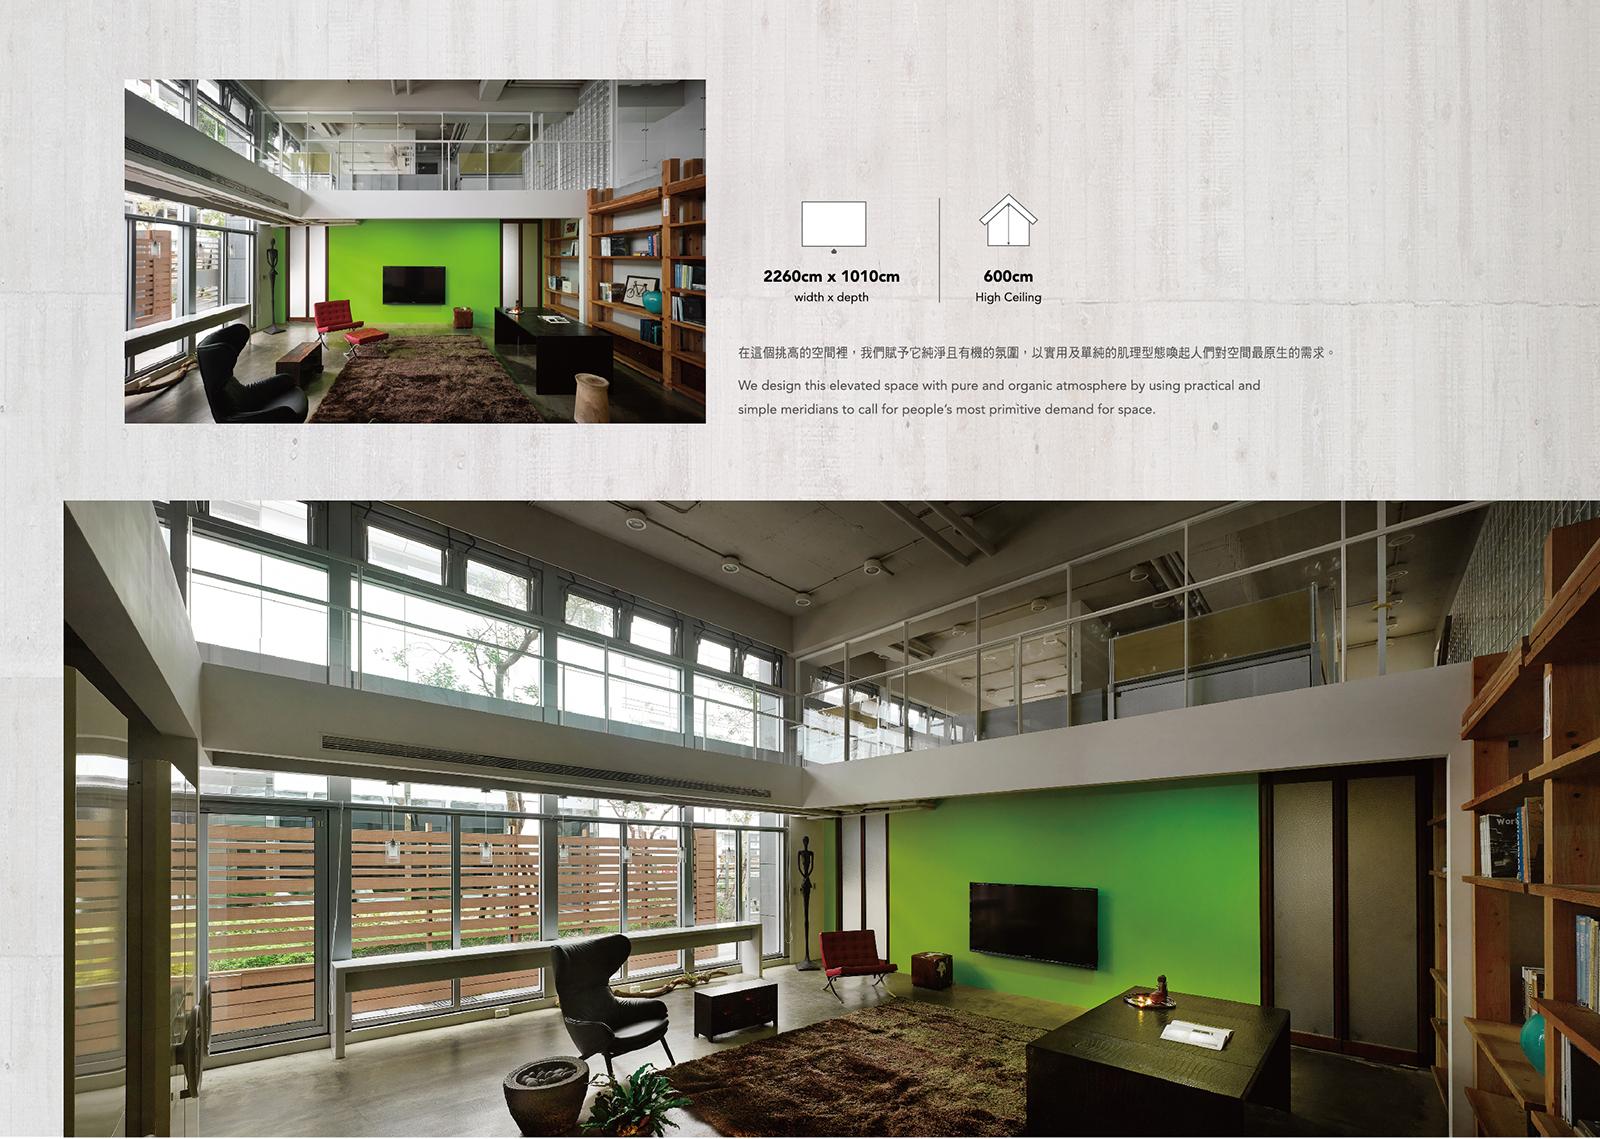 台灣室內設計大獎 居住空間類/複層 TID獎